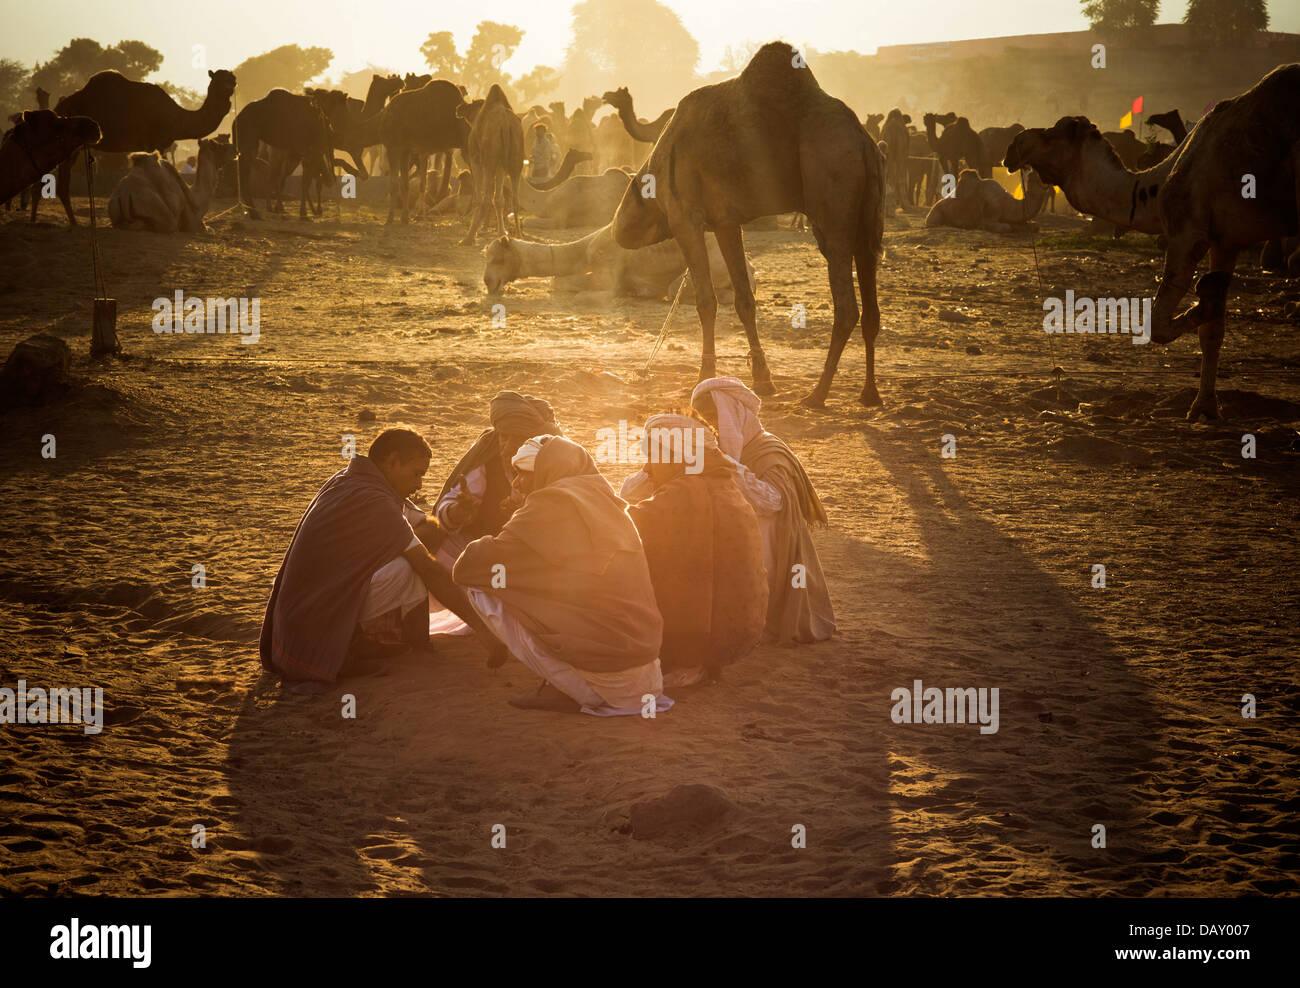 Scène à Pushkar Camel Fair, lac Pushkar, Pushkar, Ajmer, Rajasthan, Inde Banque D'Images